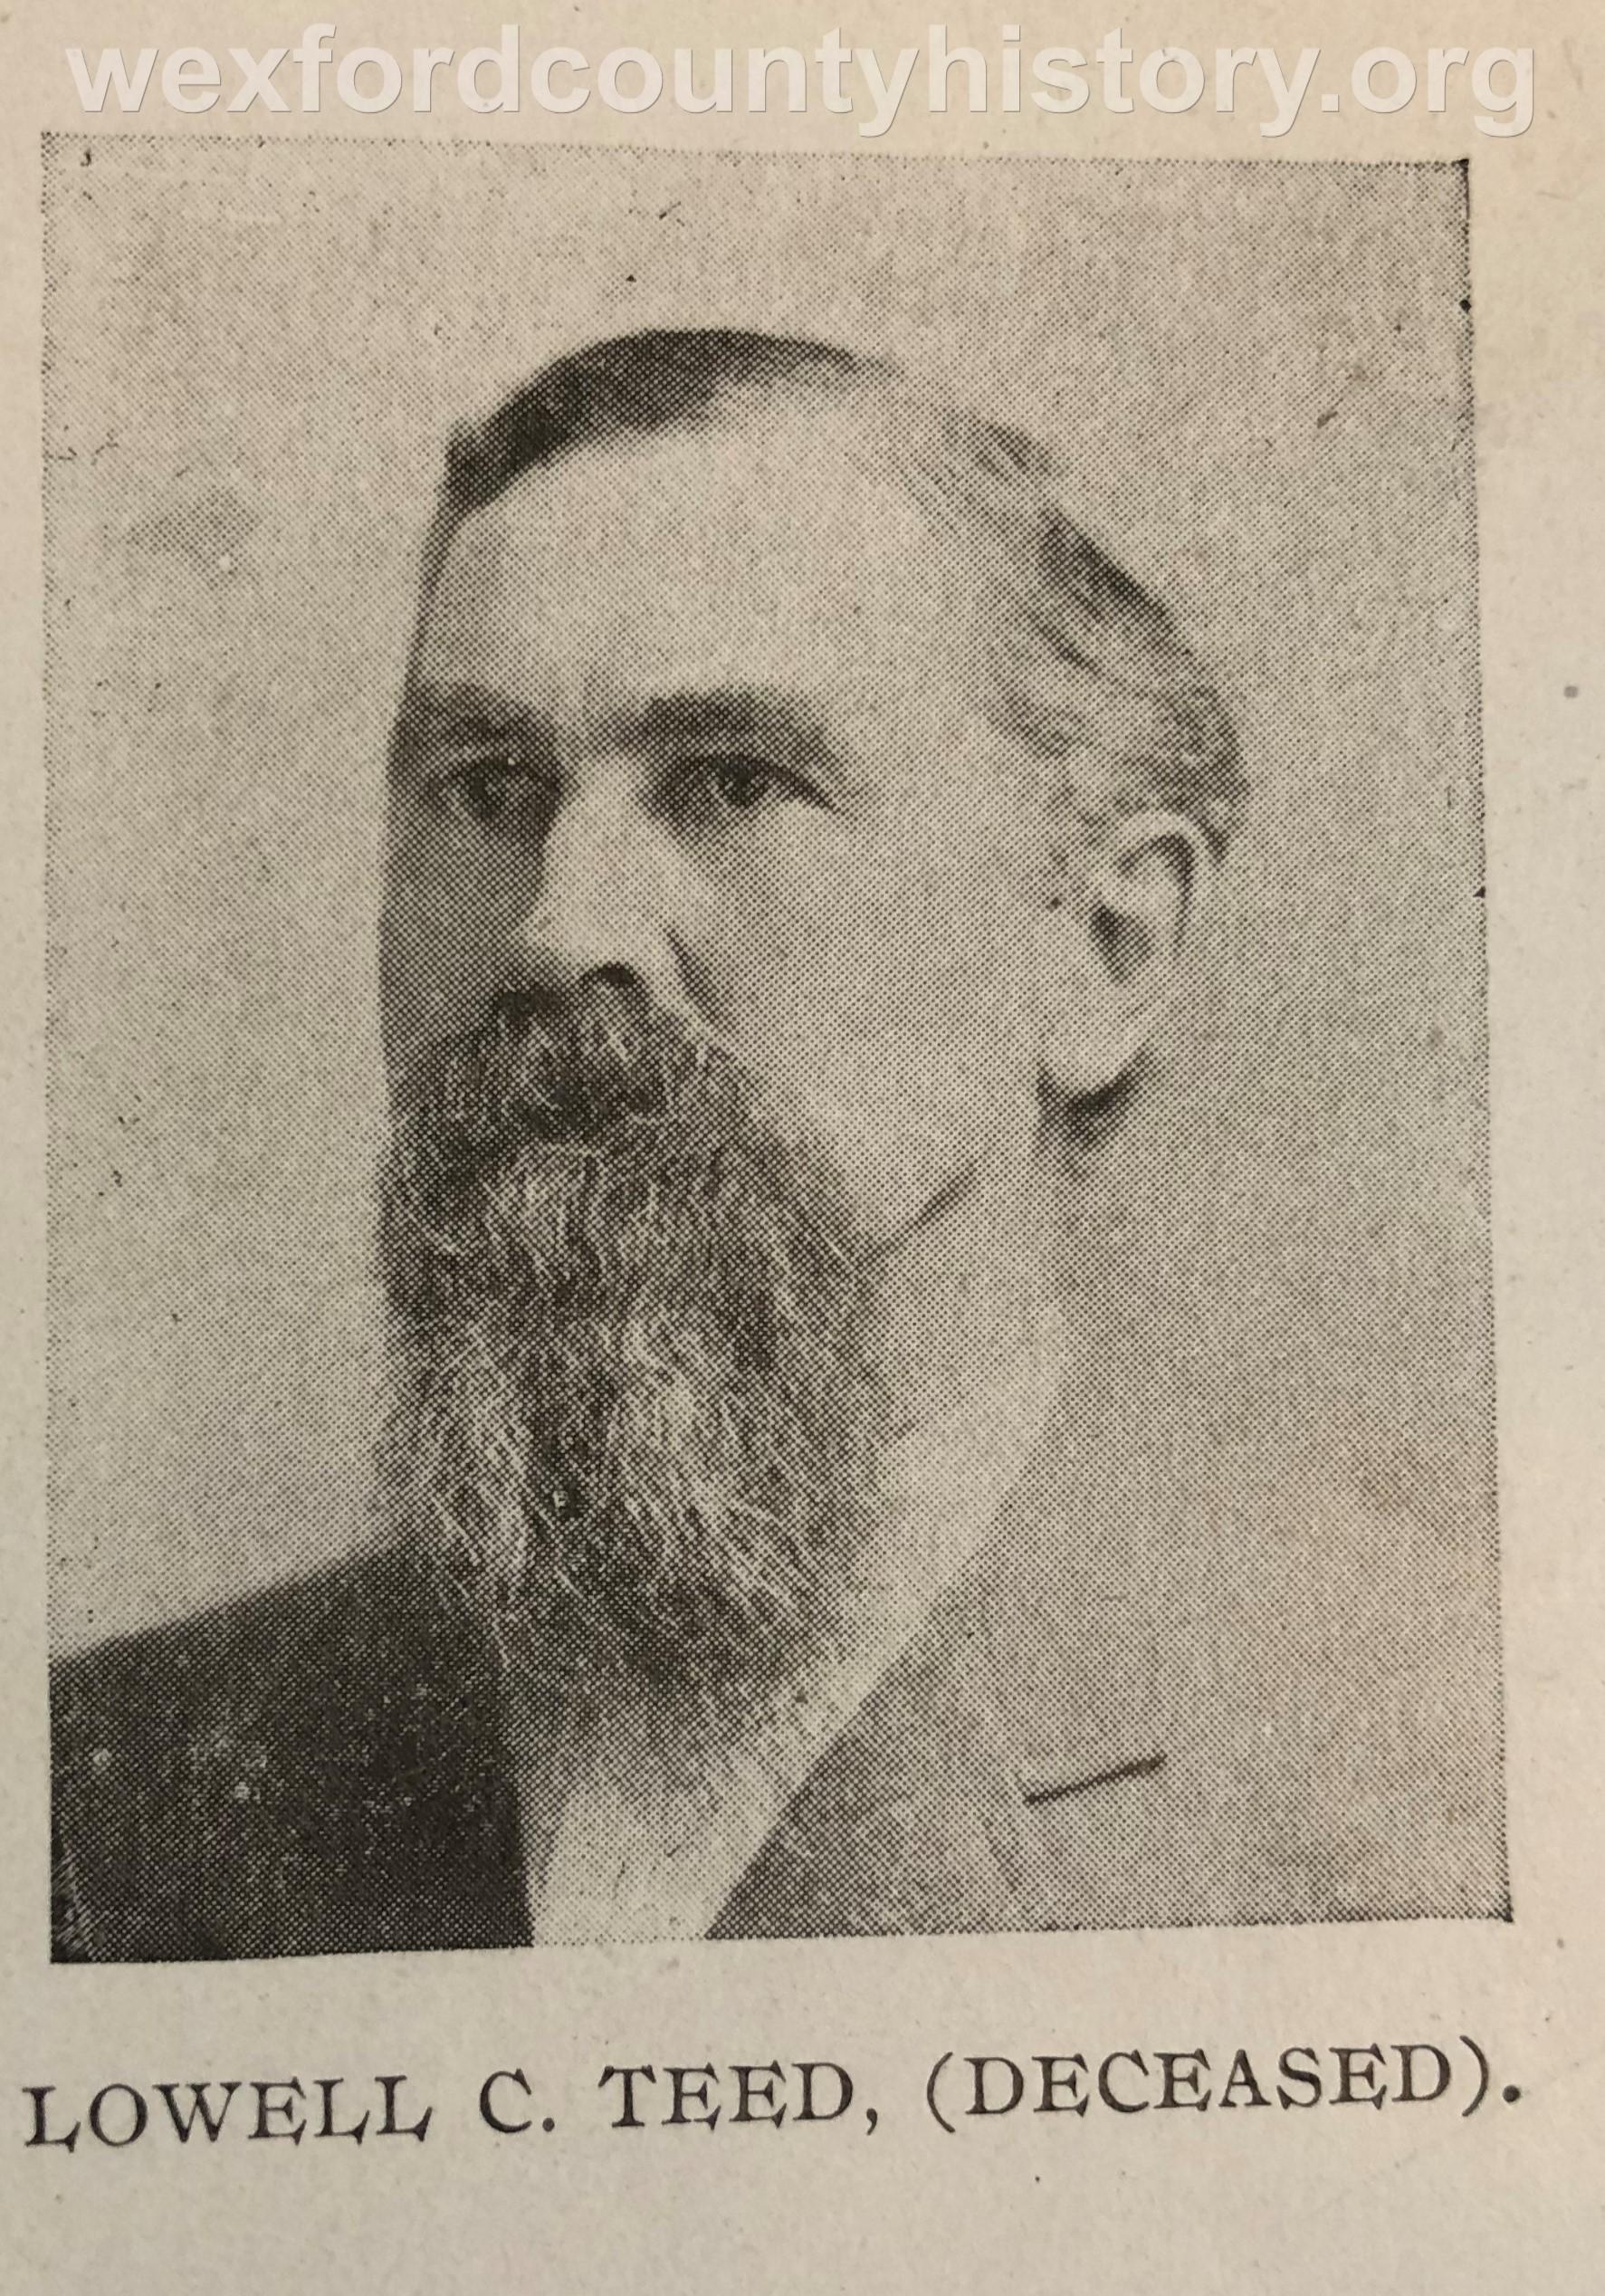 Lowell C. Teed